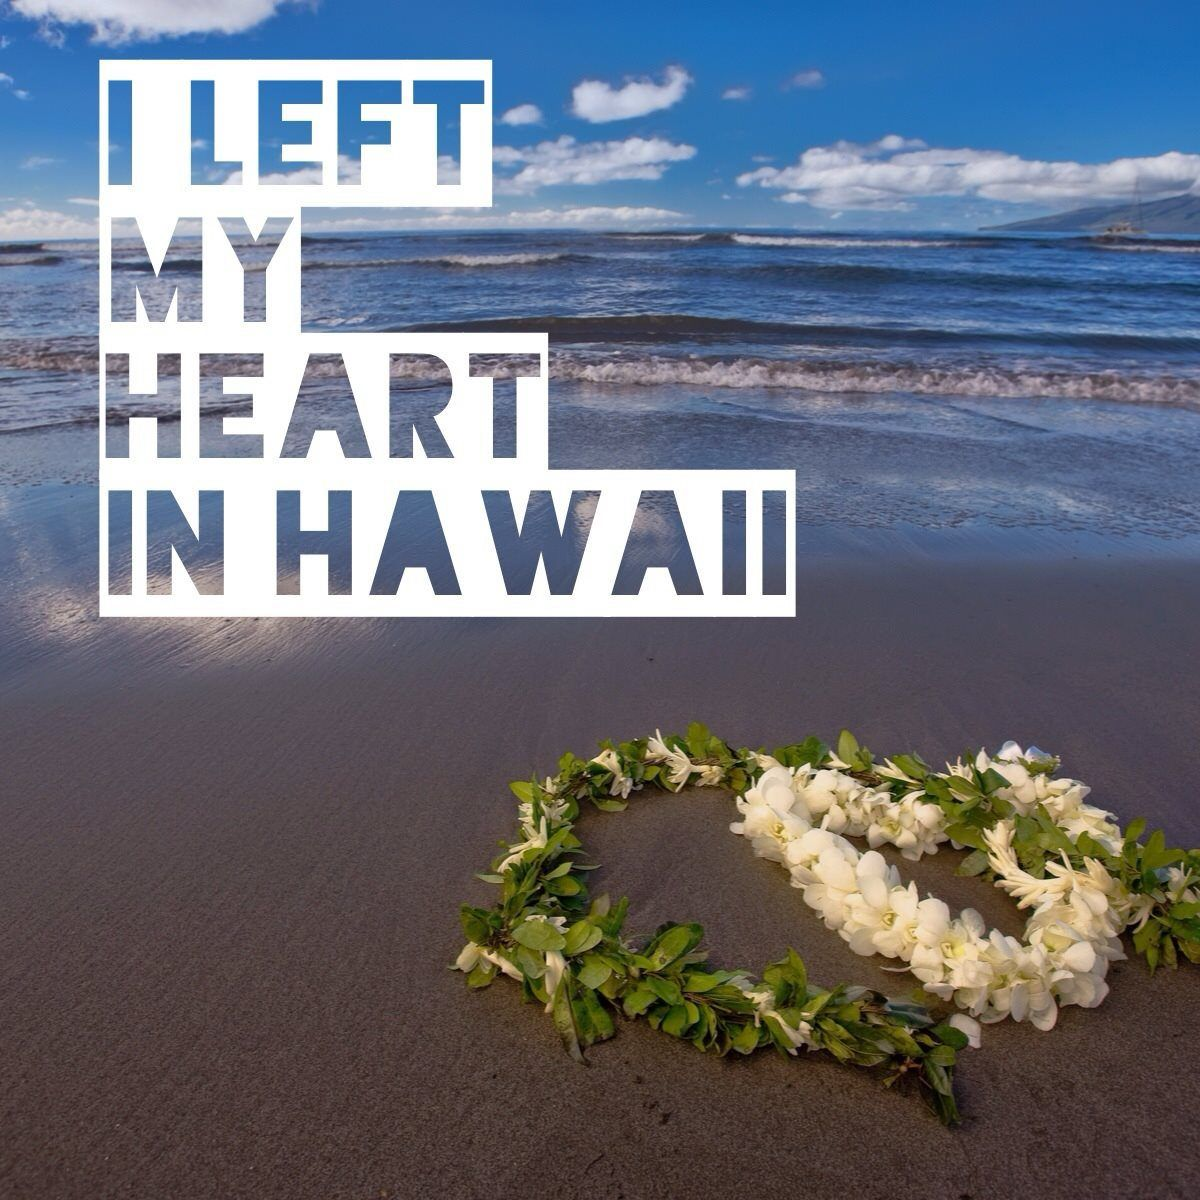 Sayings Of Hawaii 1 Hawaii Quotes Hawaii Travel Hawaii Life